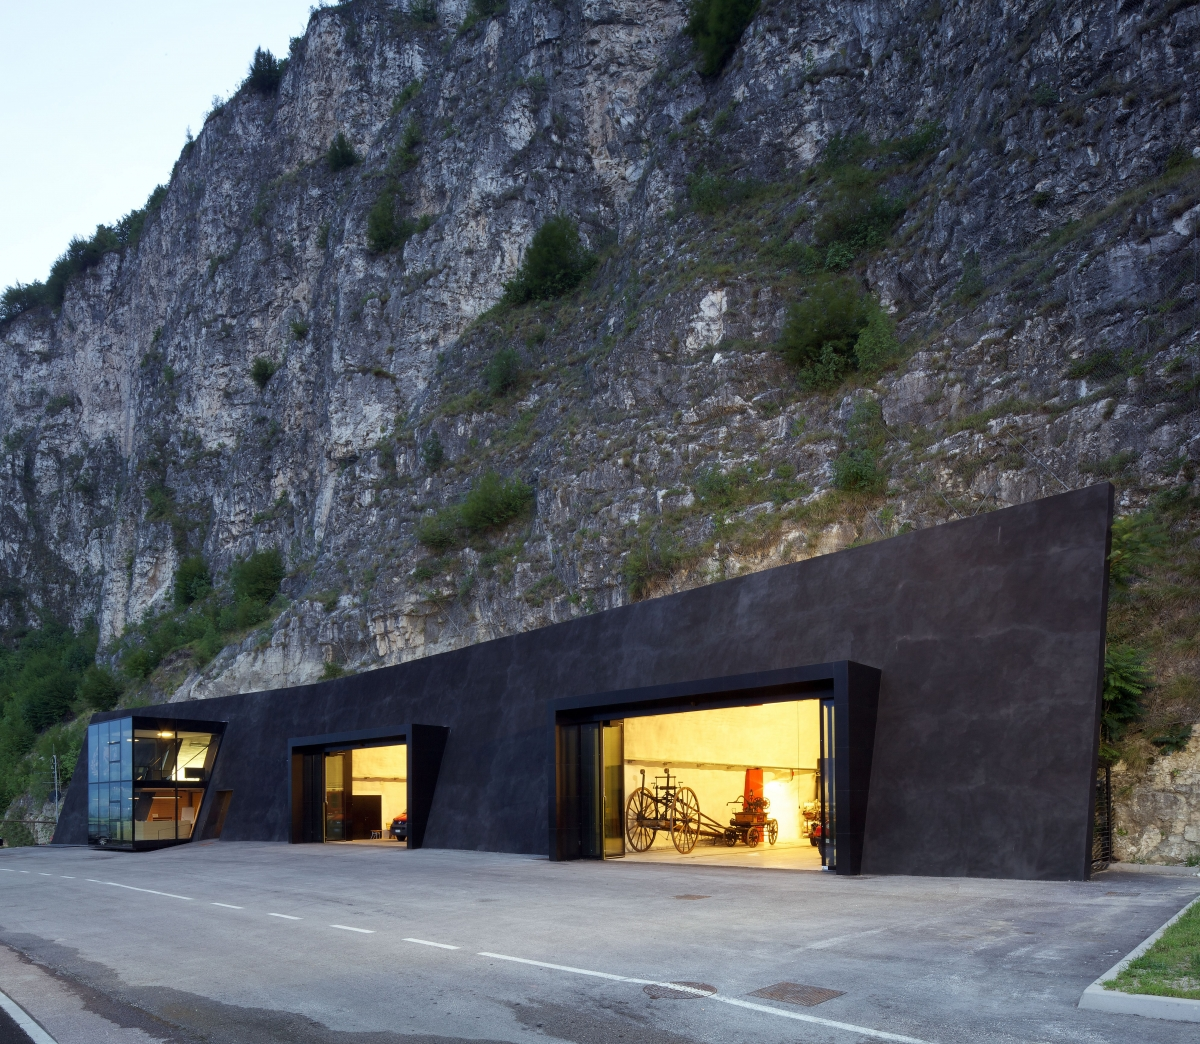 Nová architektura v jižním Tyrolsku